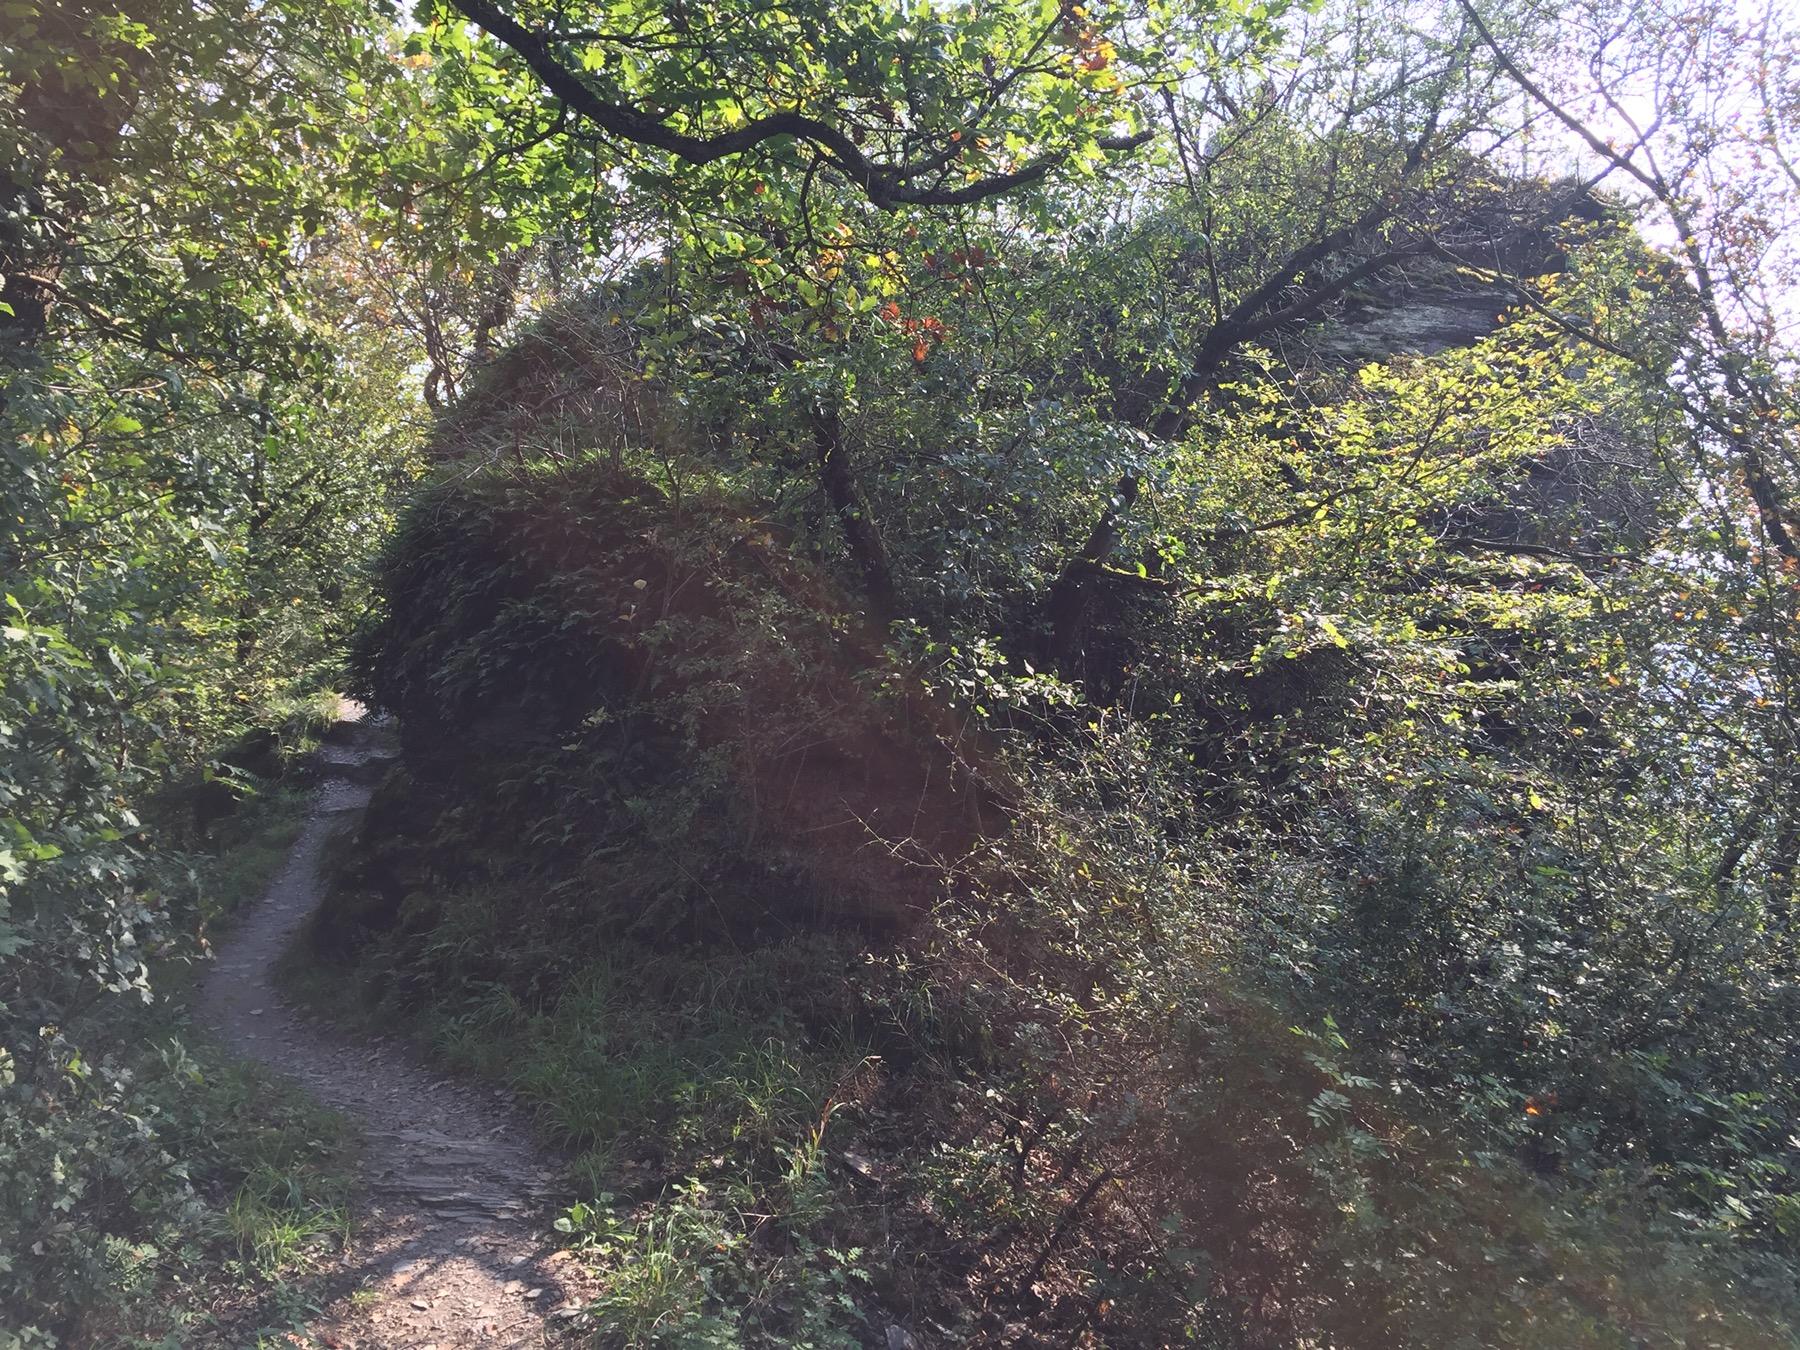 Imposanter Gesteinsbrocken hinter Enkirch